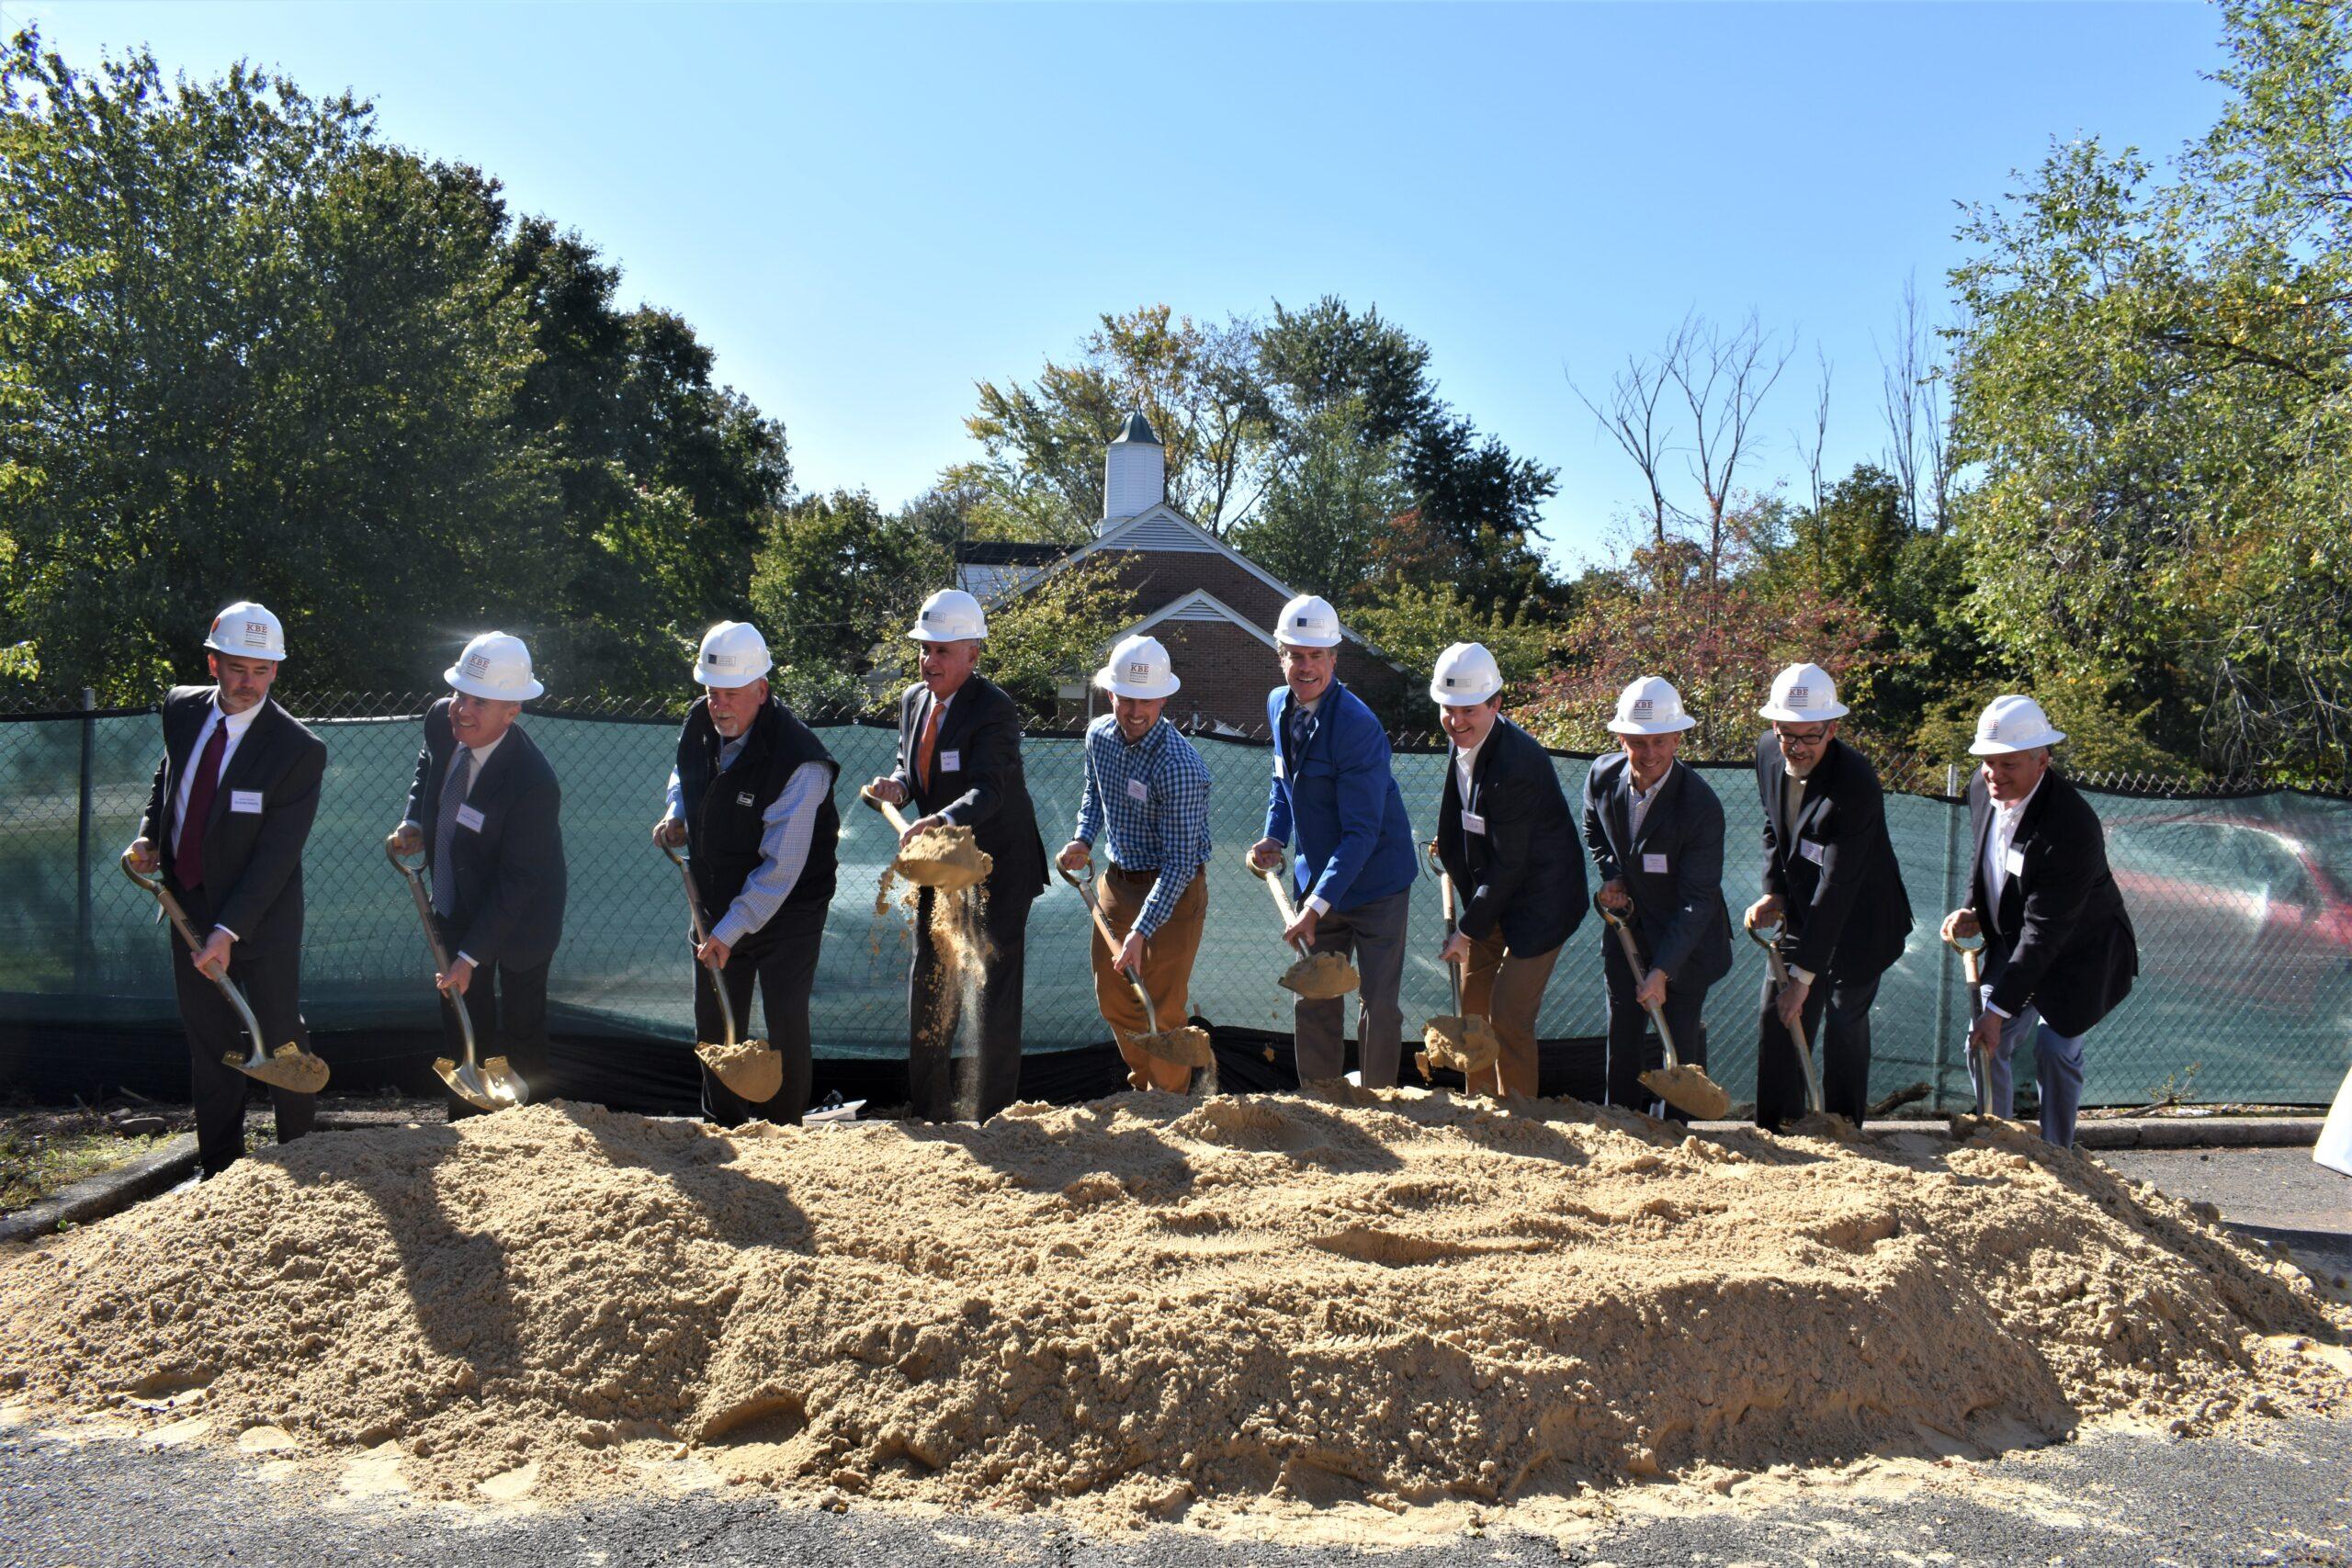 KBE and Capitol Seniors Housing Break Ground on The Chelsea Senior Living project